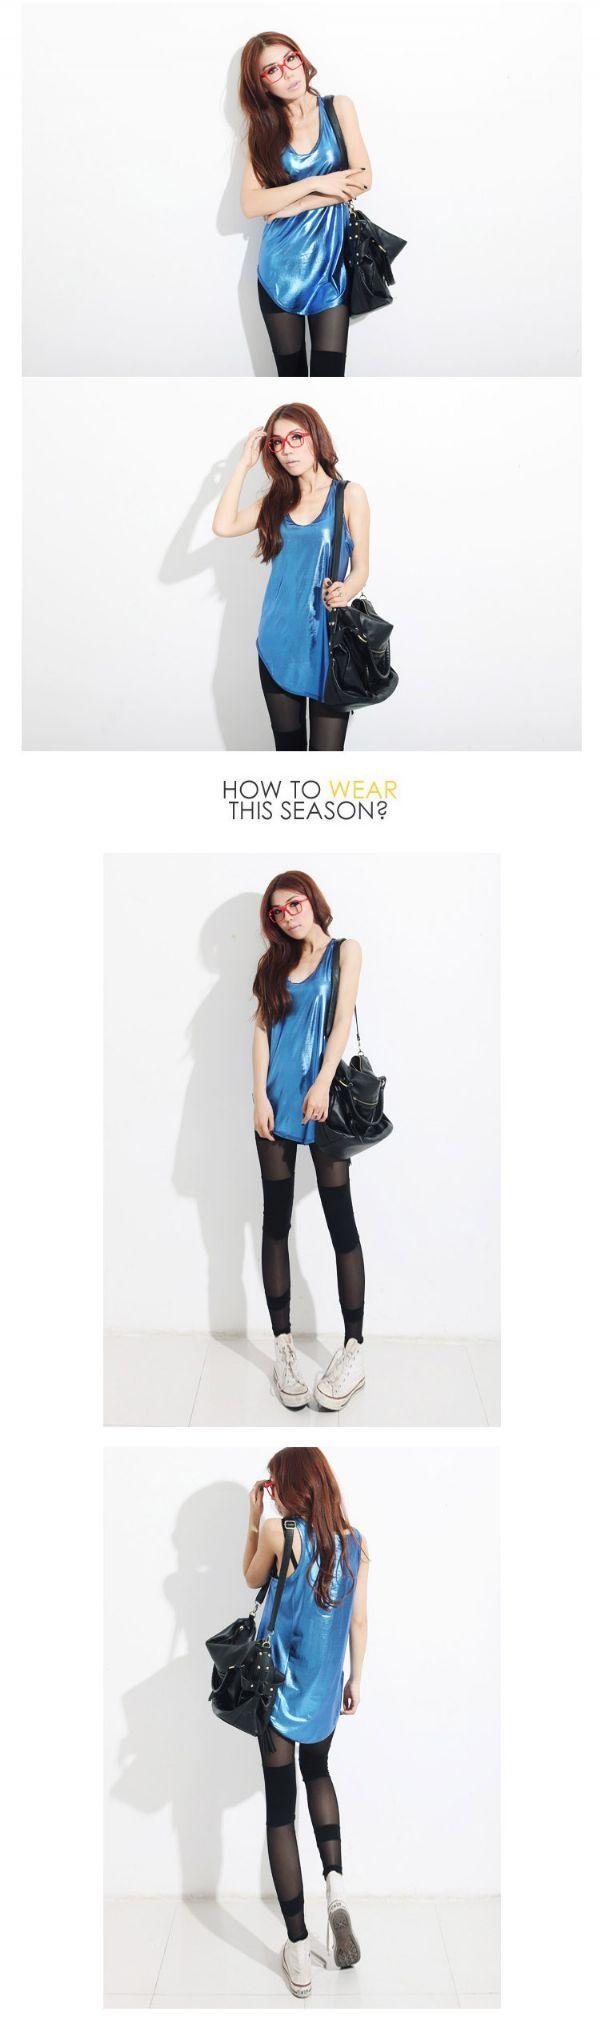 เสื้อผ้าแฟชั่น : legging แฟชั่น chic & cool